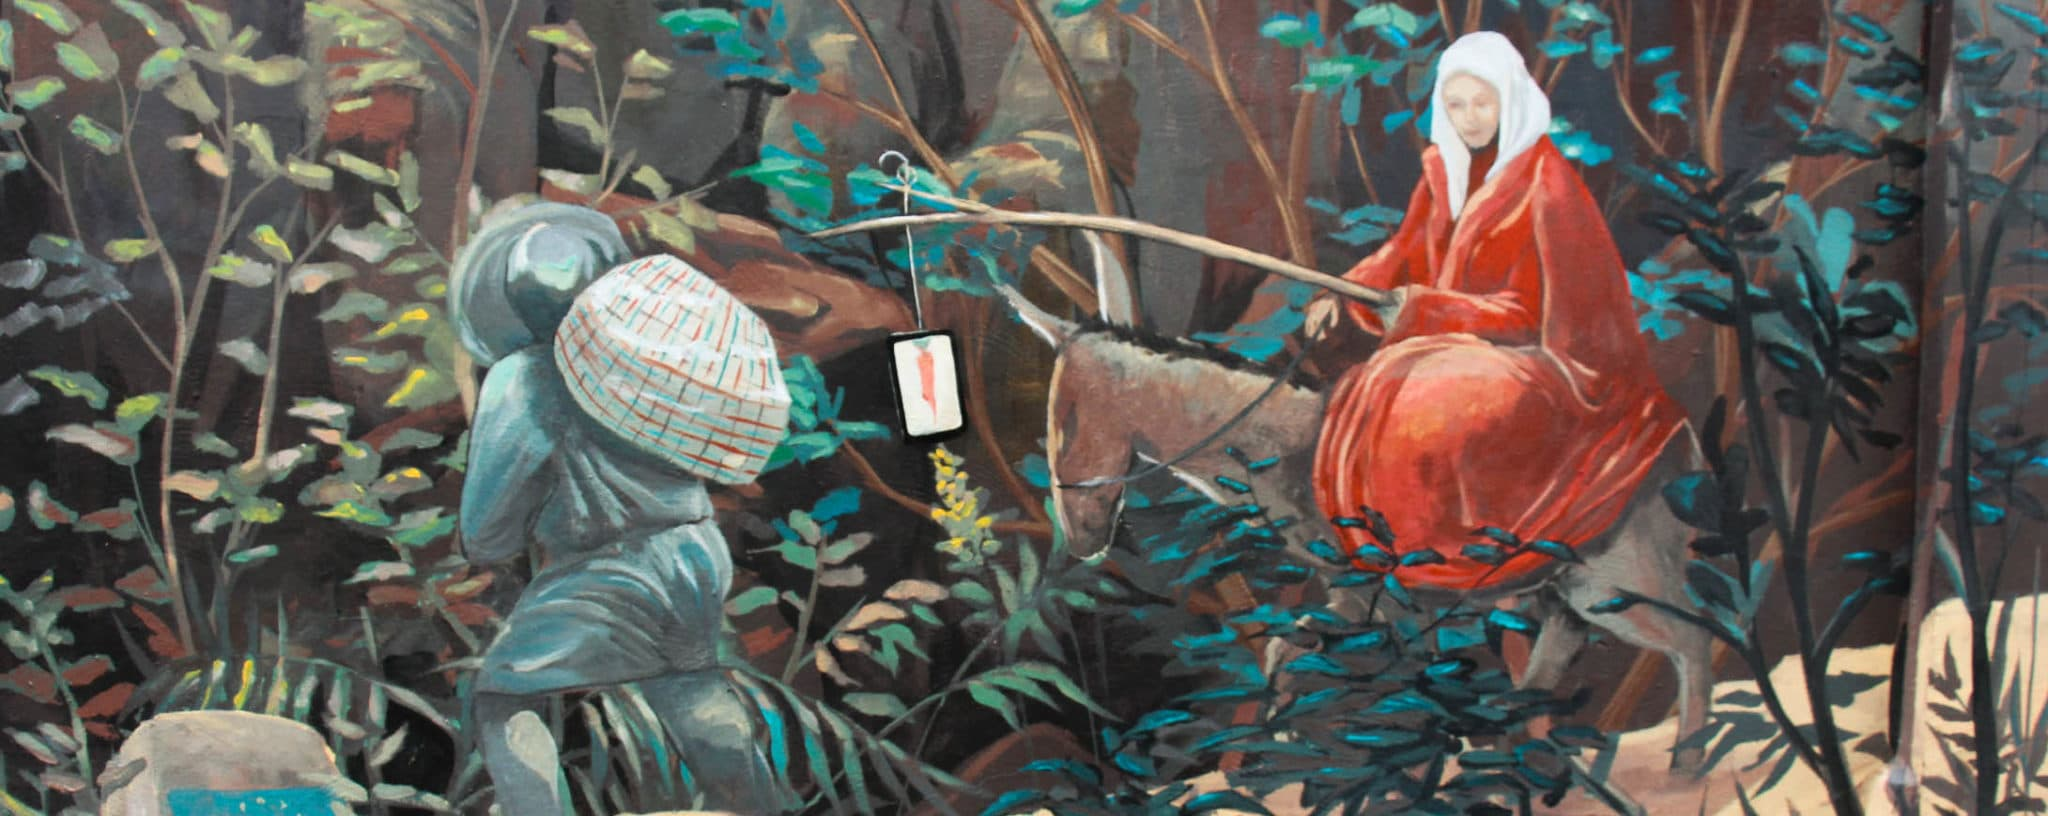 Peinture, quelques chefs-d'œuvre revisités (2ème épisode): Brueghel à Bruxelles